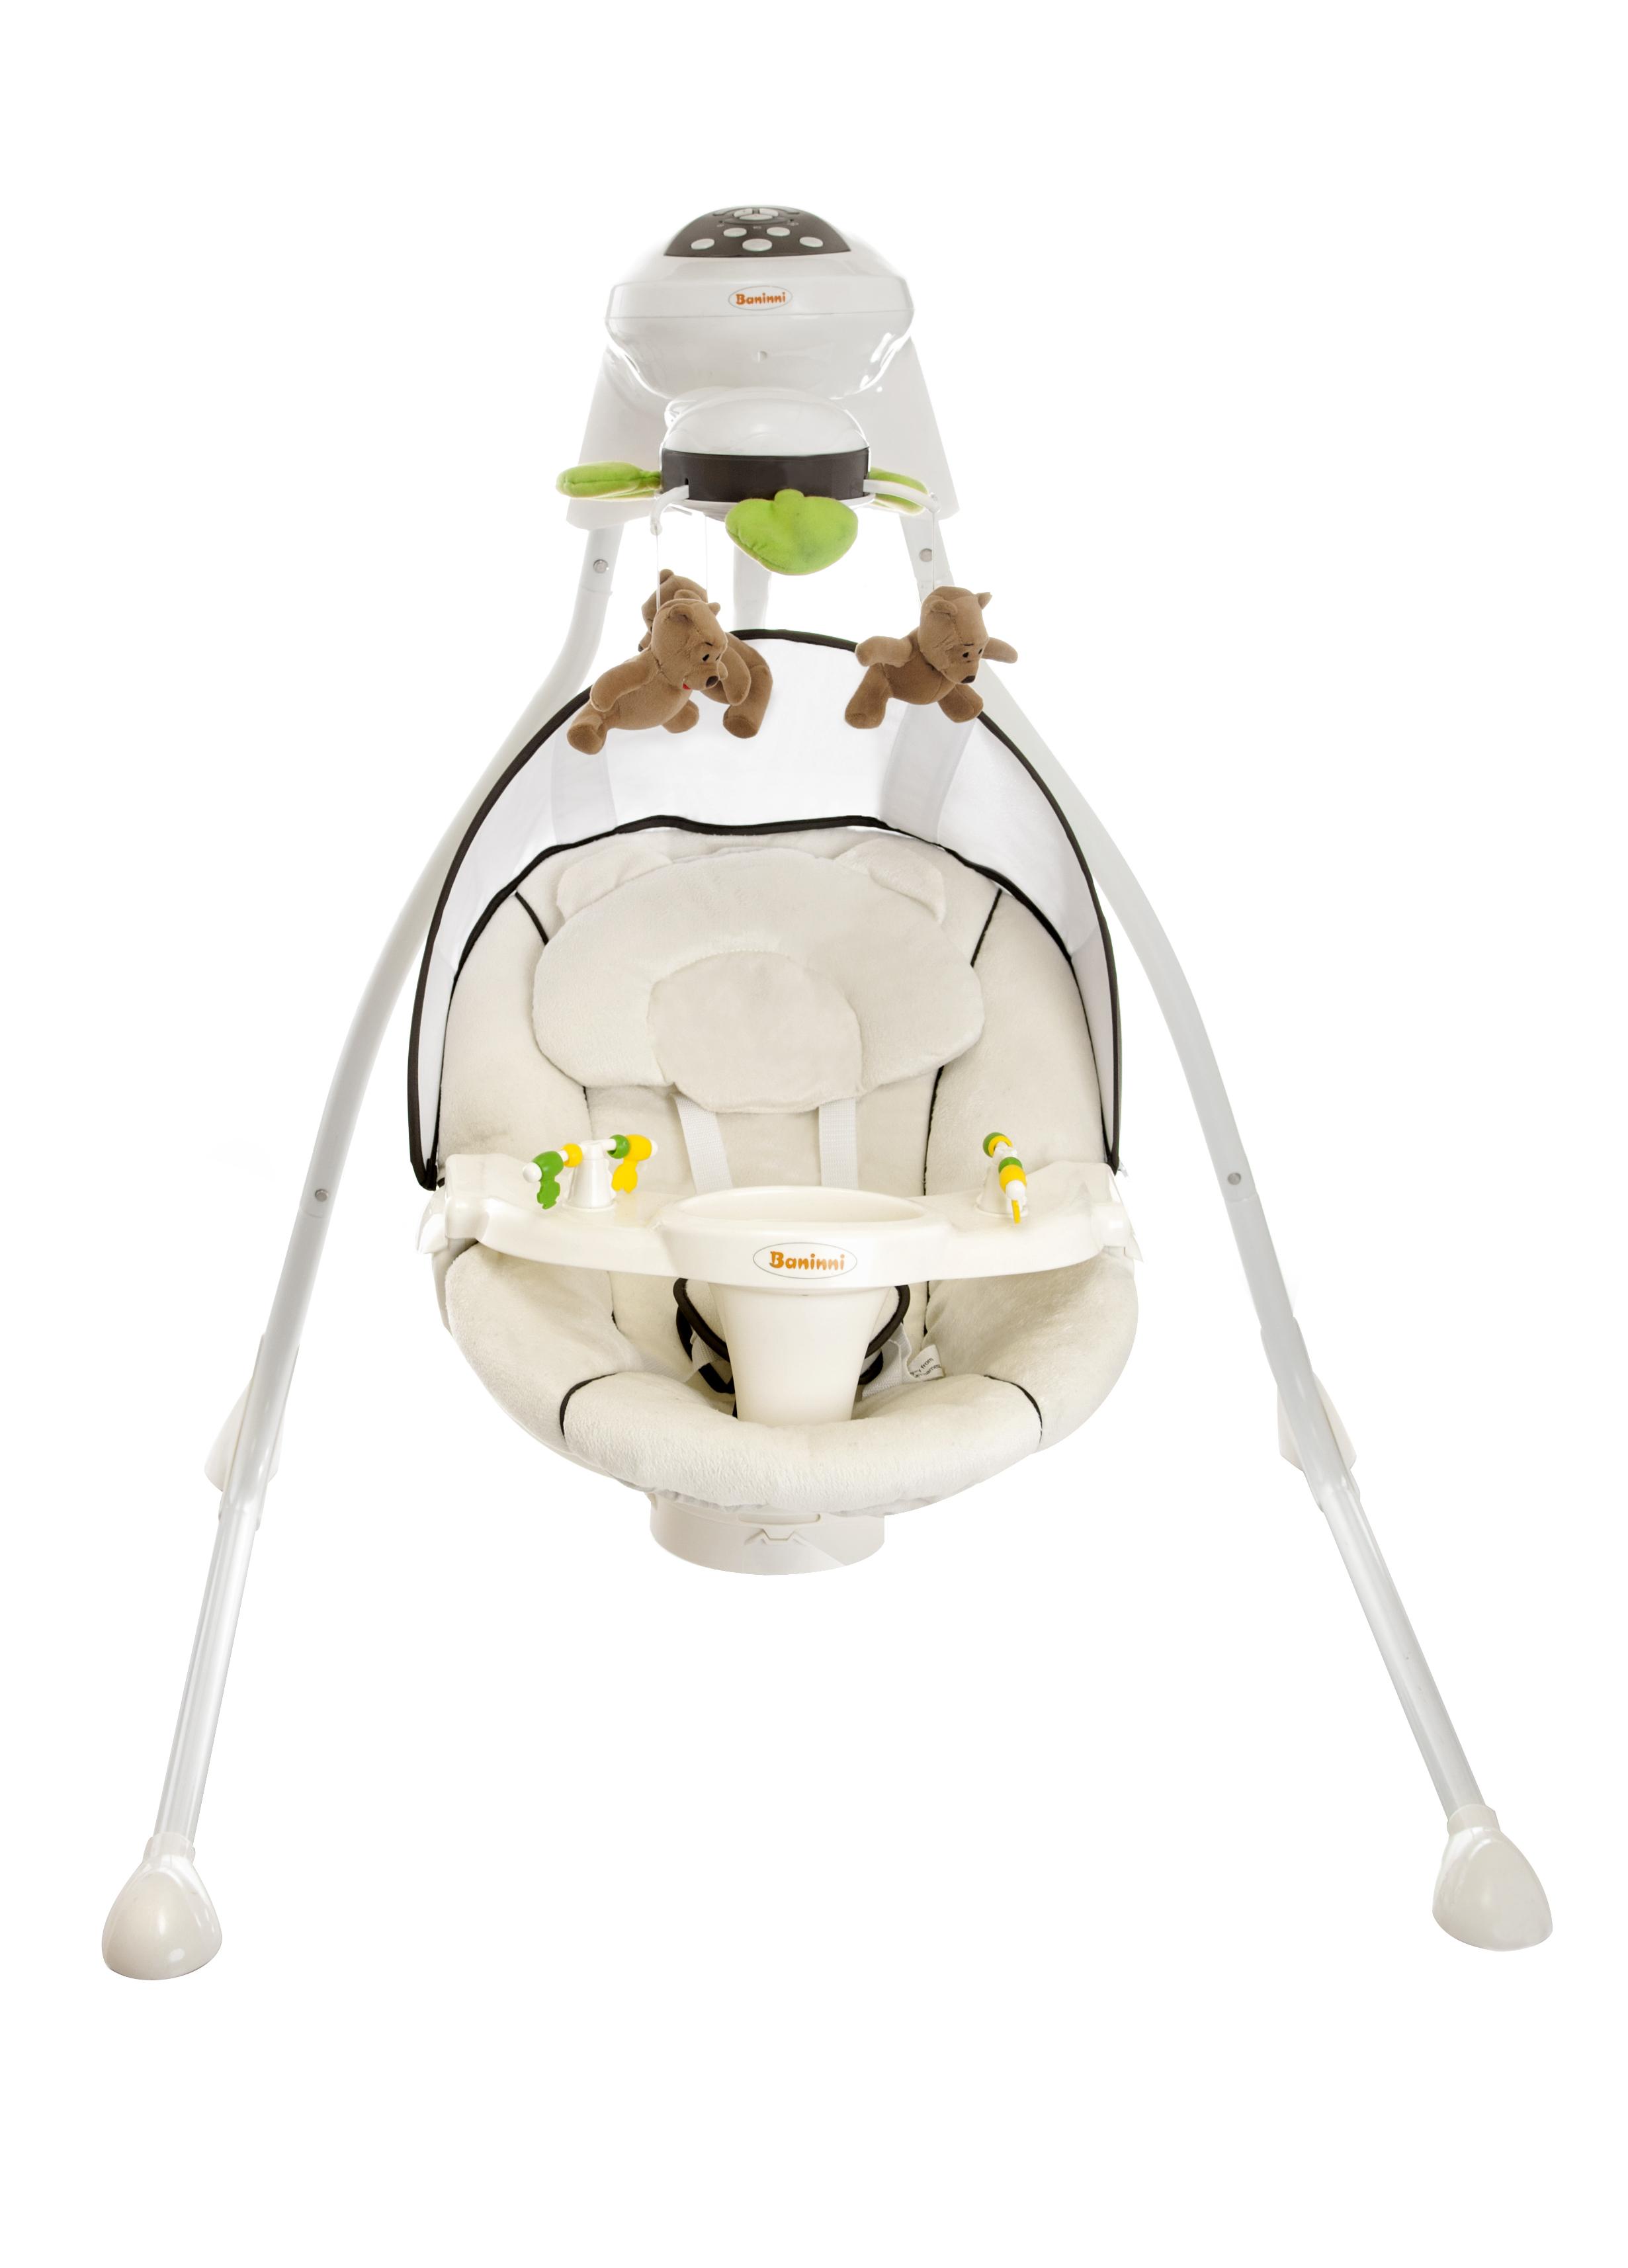 babywiege elektrisch baninni dodoli baby schaukel braun. Black Bedroom Furniture Sets. Home Design Ideas